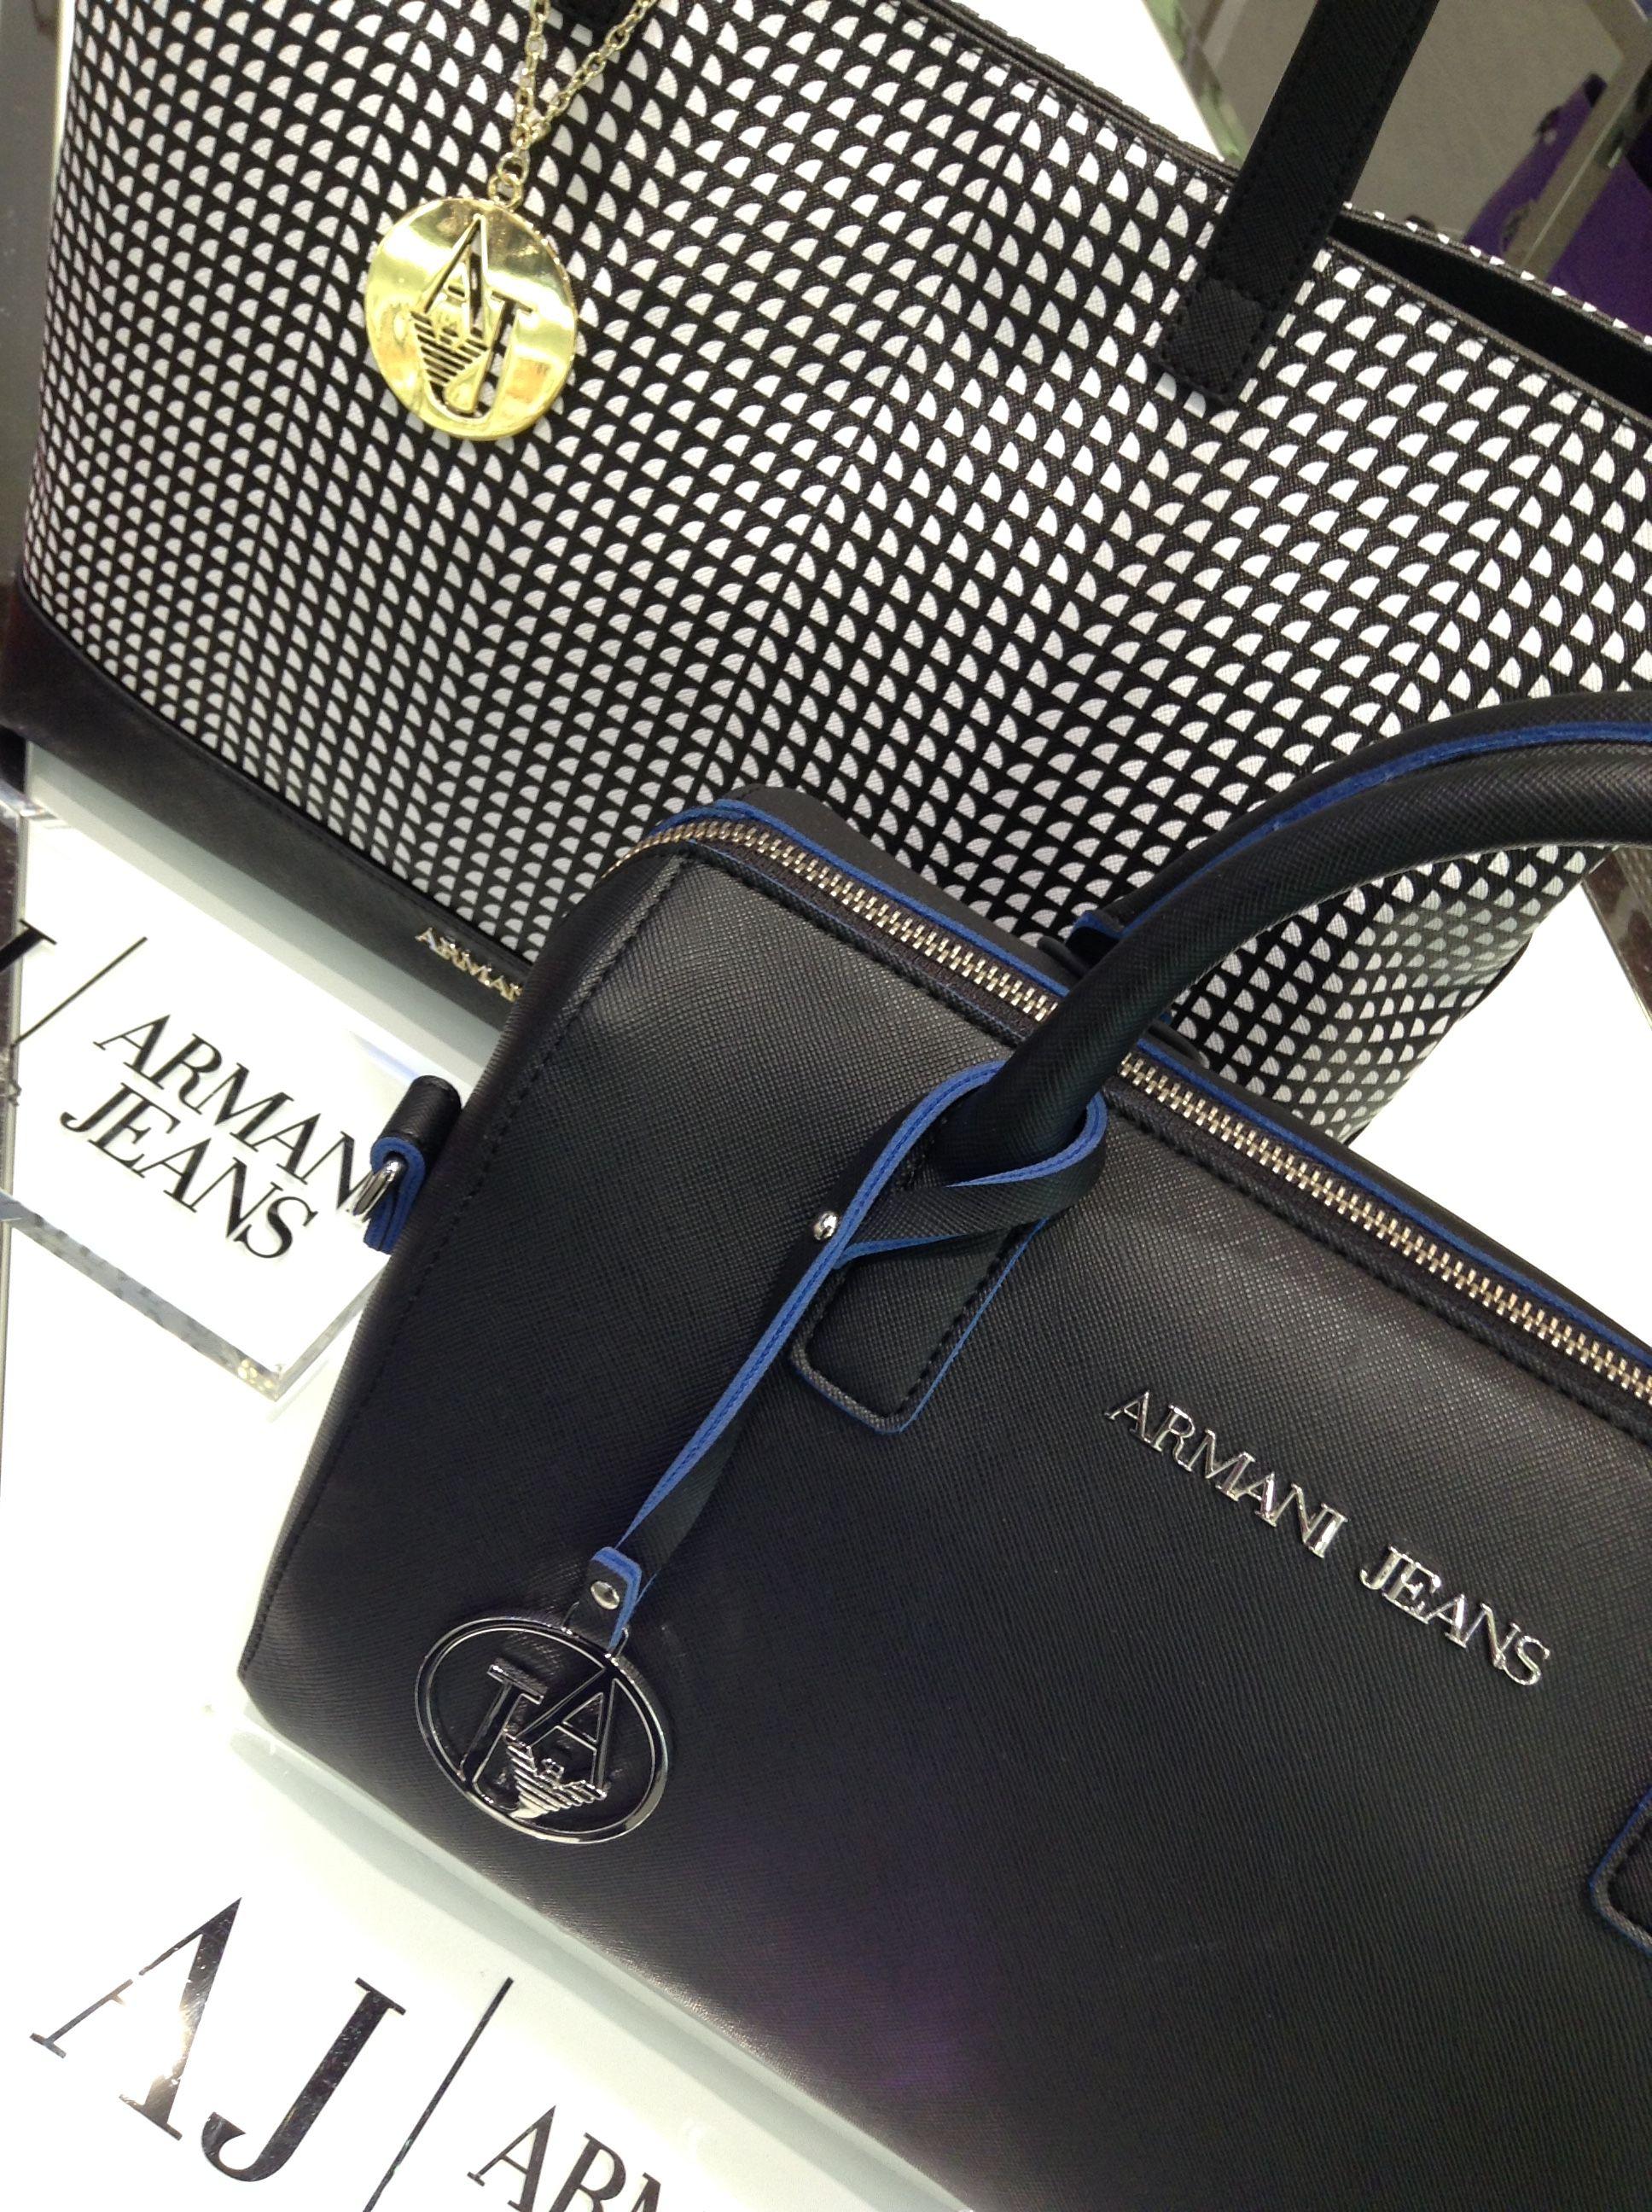 0a4deec23b8 Épinglé par Tempka Carré-Sénart sur Armani jeans maroquinerie ...